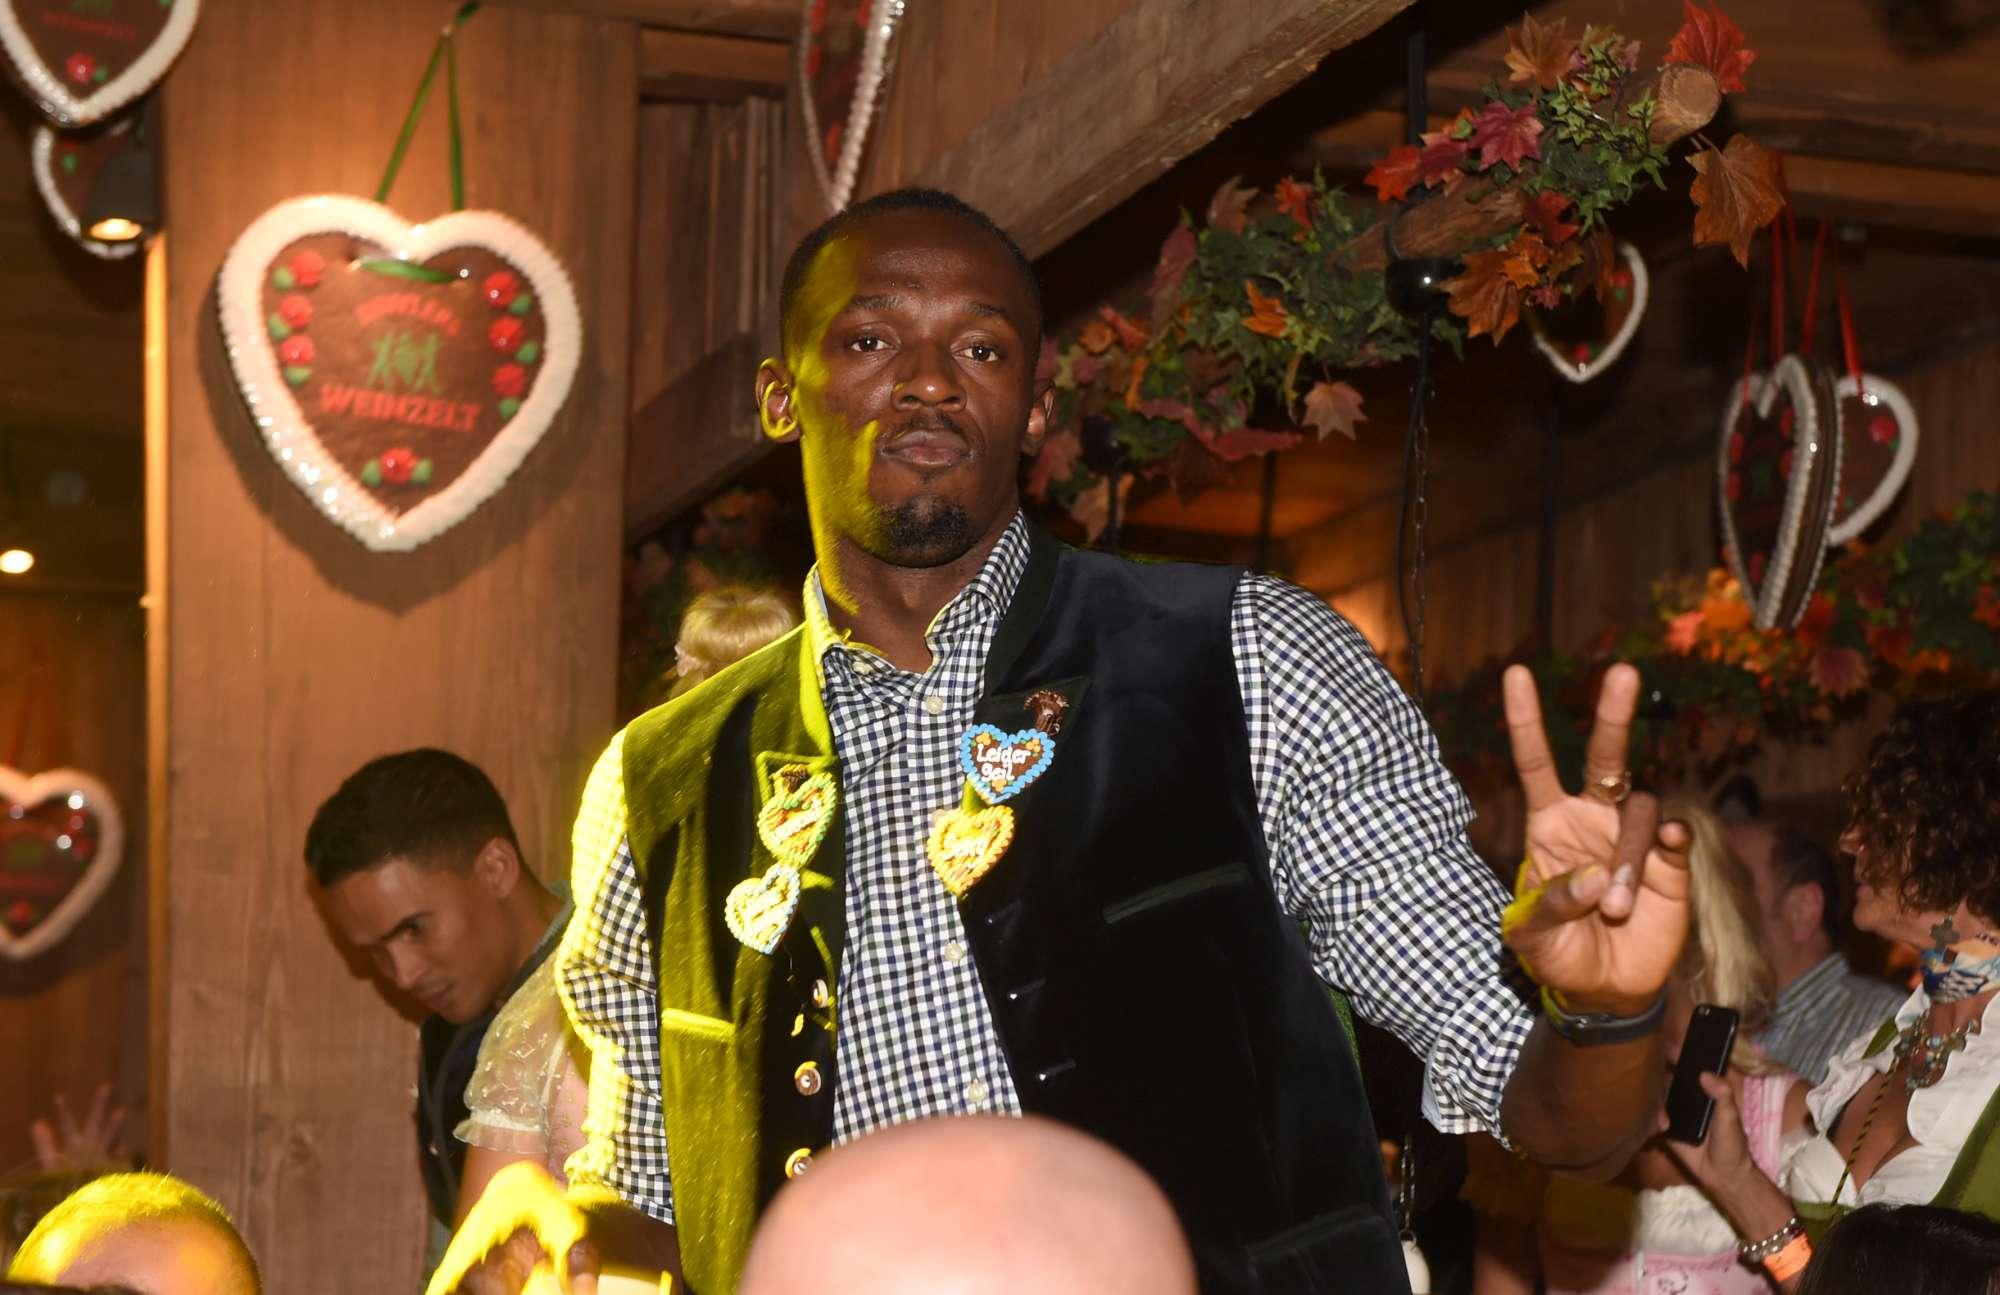 Birra e relax per  Usain Bolt,  ospite d'onore all'Oktoberfest. Lo sprinter giamaicano si è goduto il clima ridanciano della popolarissima rassegna bavarese, con tanto di camicia a quadretti e lederhosen, i pantaloni di pelle tradizionali. Tra selfie con le fan e brindisi in compagnia di alcuni amici che lo hanno seguito in Germania, il campione olimpico ha potuto alzare i boccali anche per festeggiare il rinnovo di contratto con il suo sponsor tecnico, che ha organizzato l'ospitata tra birra e brezel.